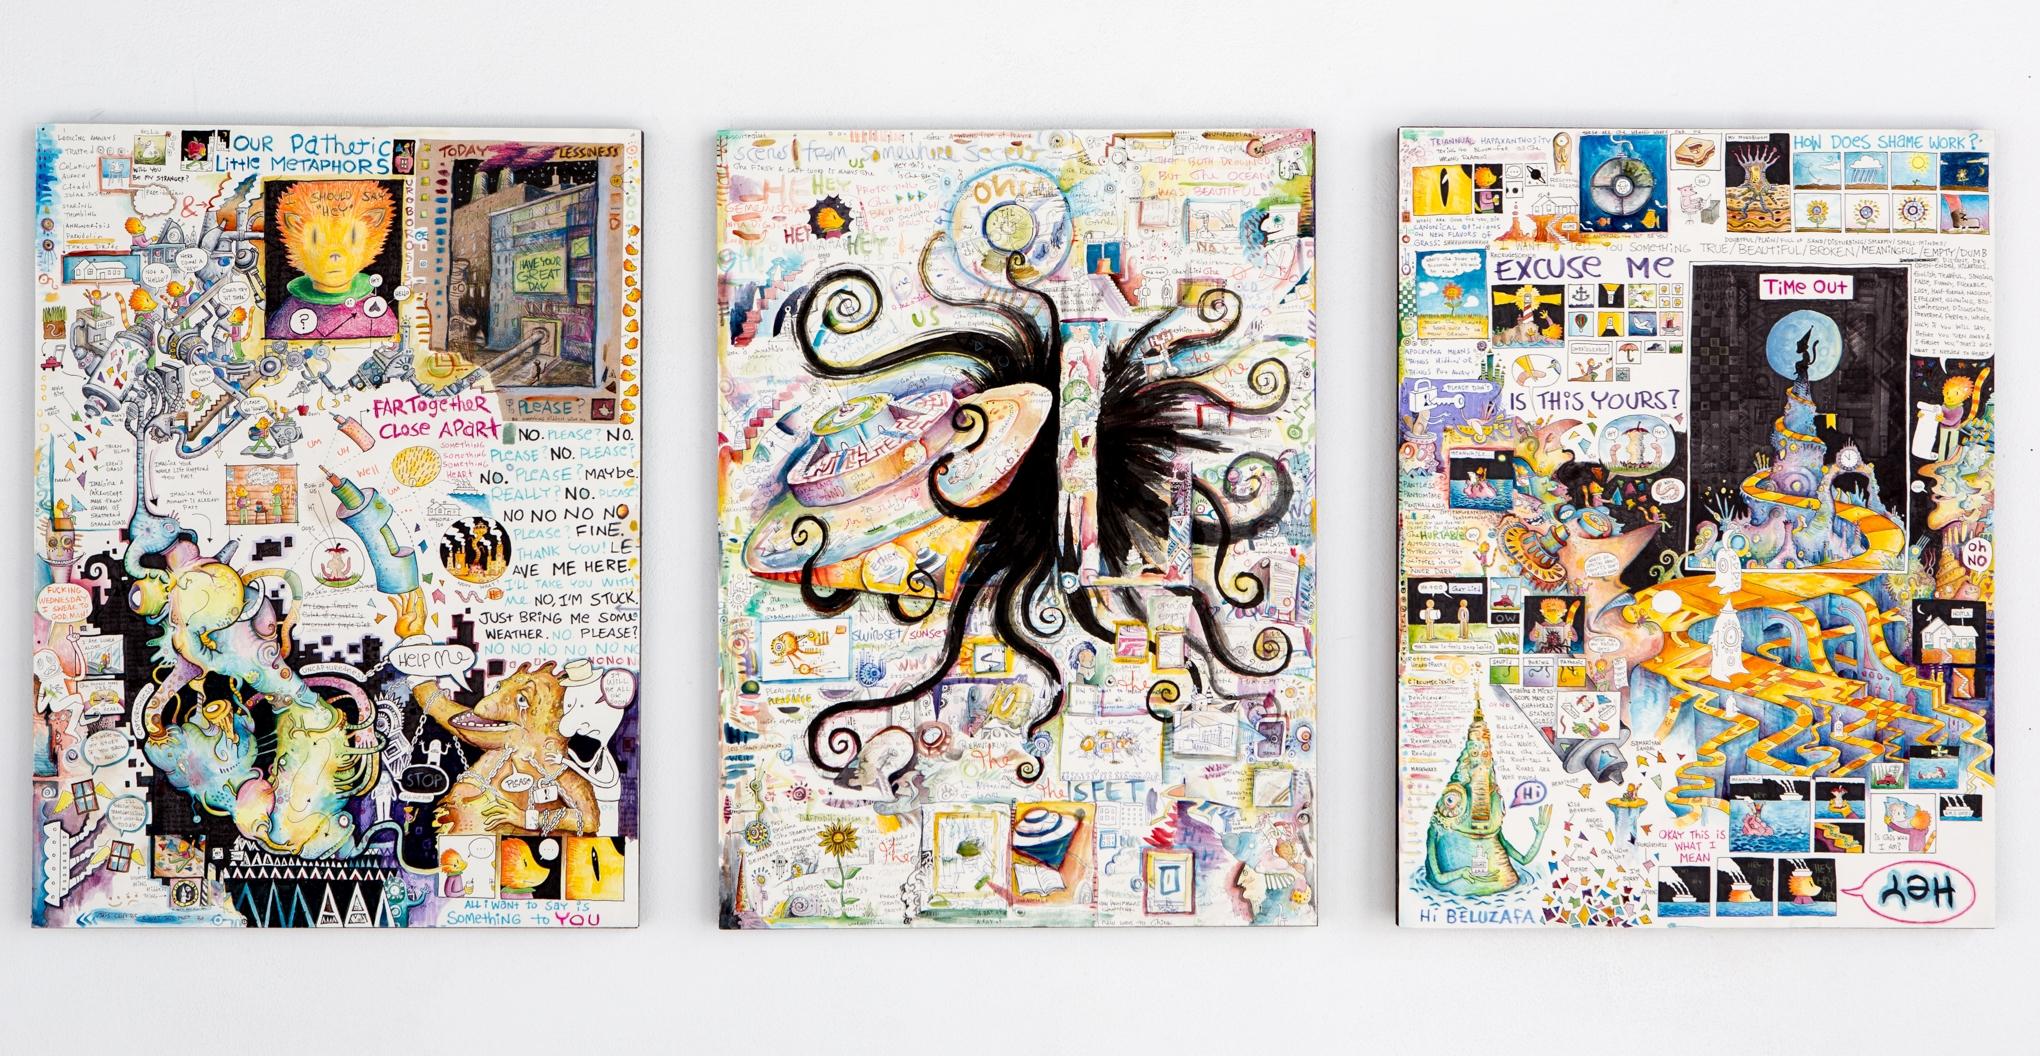 20151204-UW-Madison_Art-003 copy